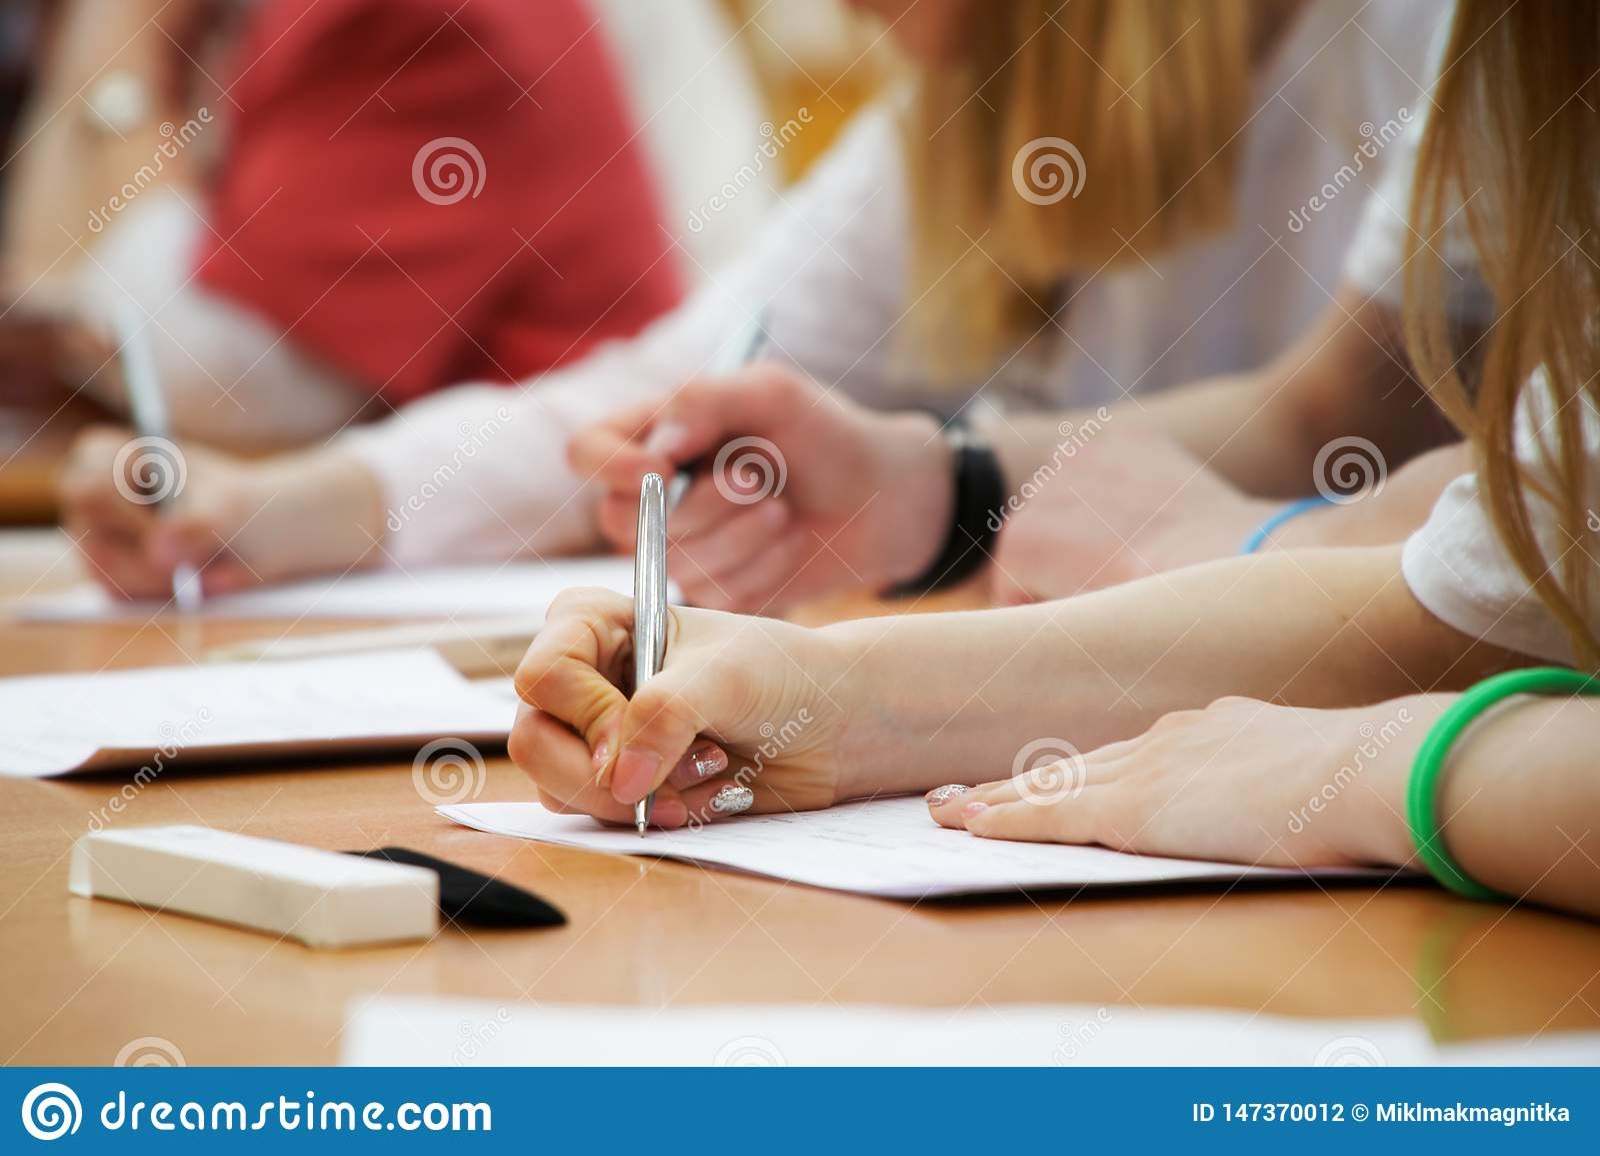 Het meisje schrijft met een vulpen op een stuk van document tijdens klassen bij school of universiteit Onderzoek, examens